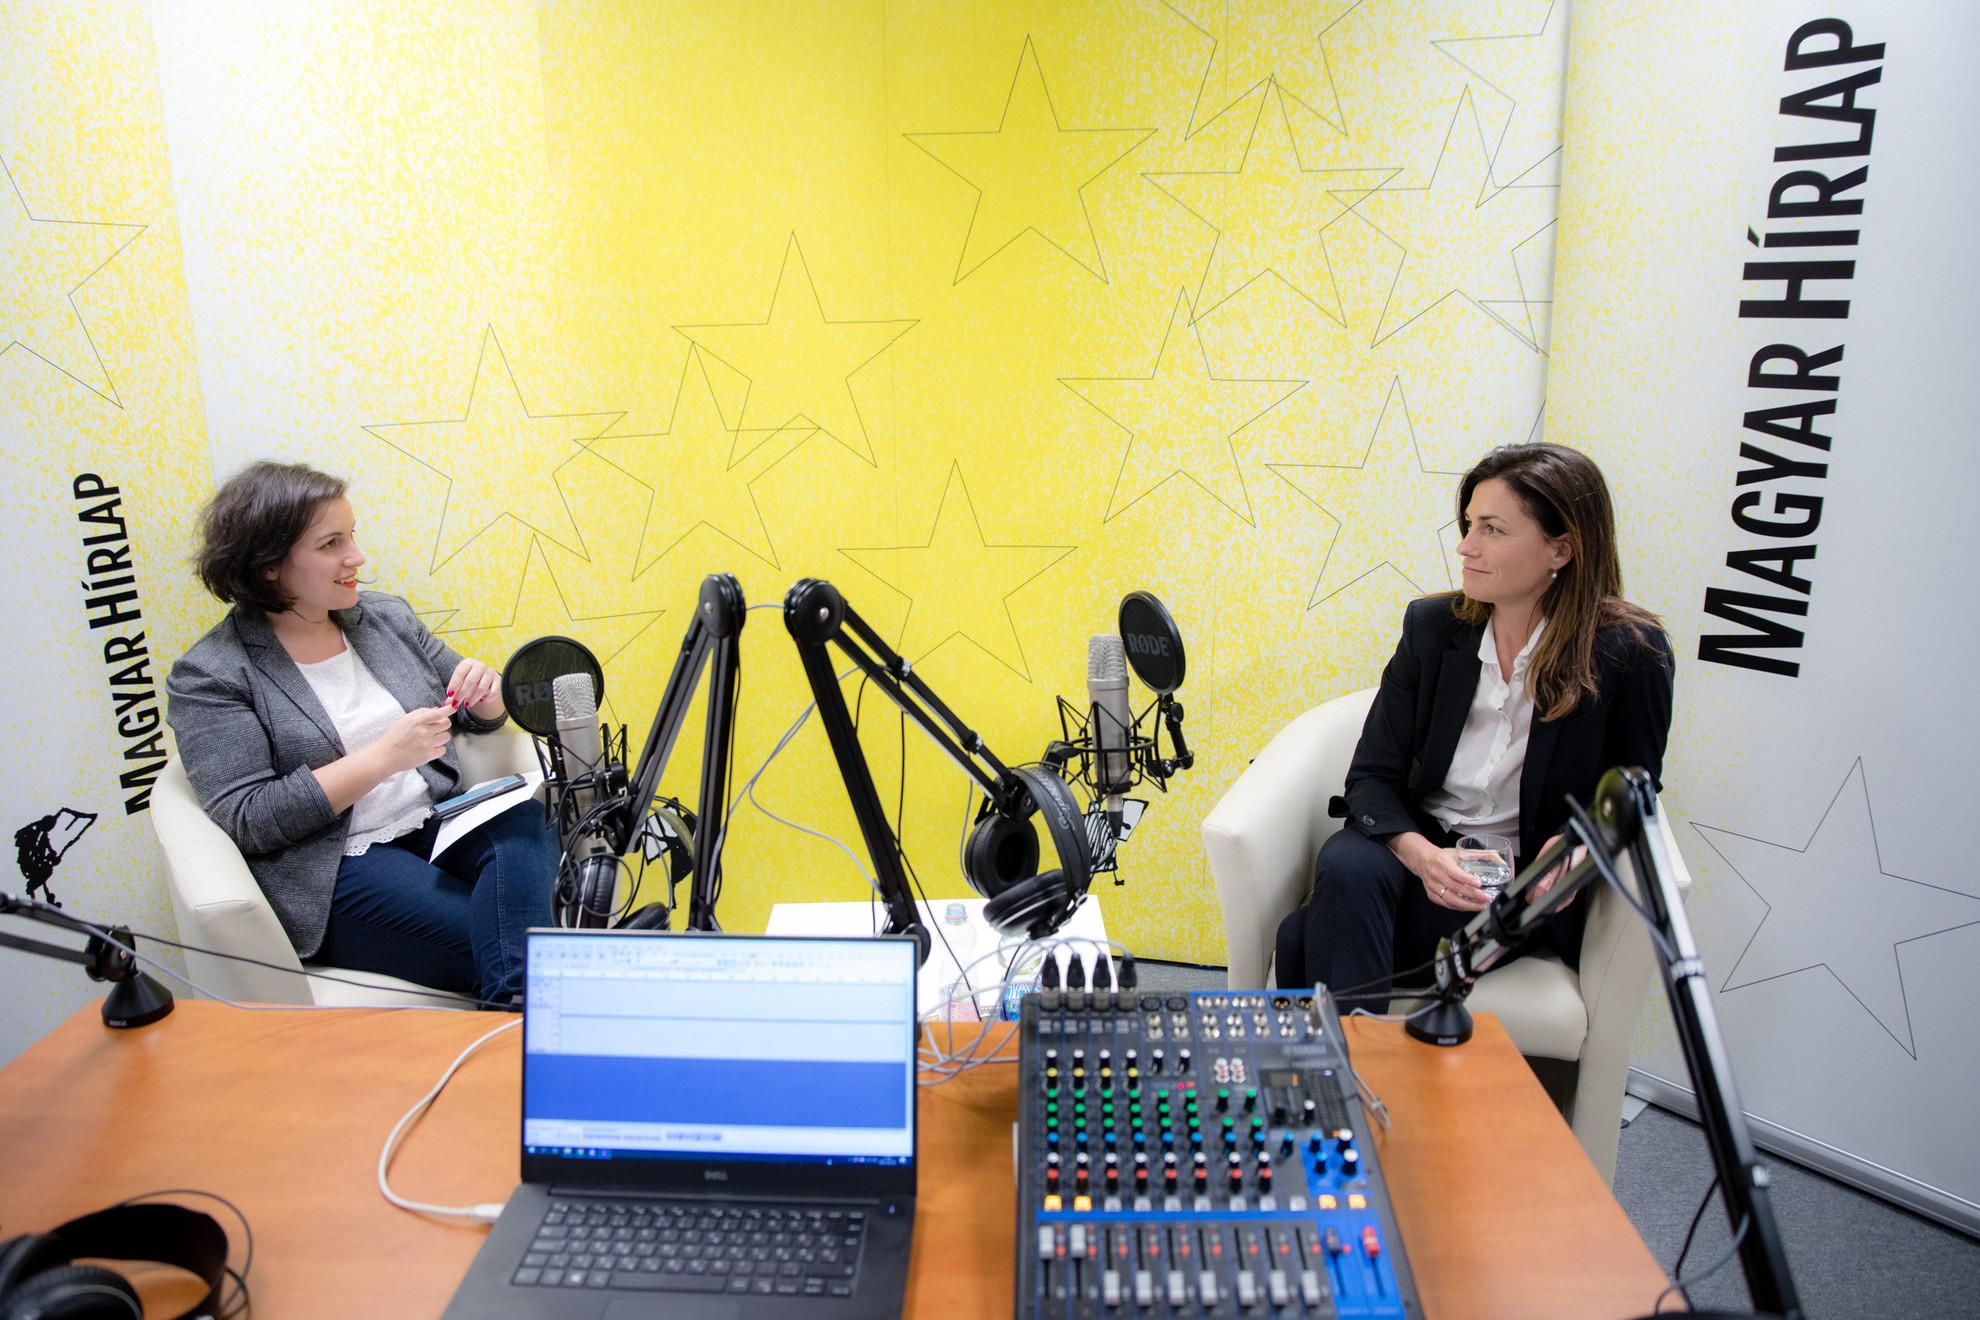 Lapunk főmunkatársa, Őry Mariann és Varga Judit igazságügyminiszter a Faktum műsorának felvételén